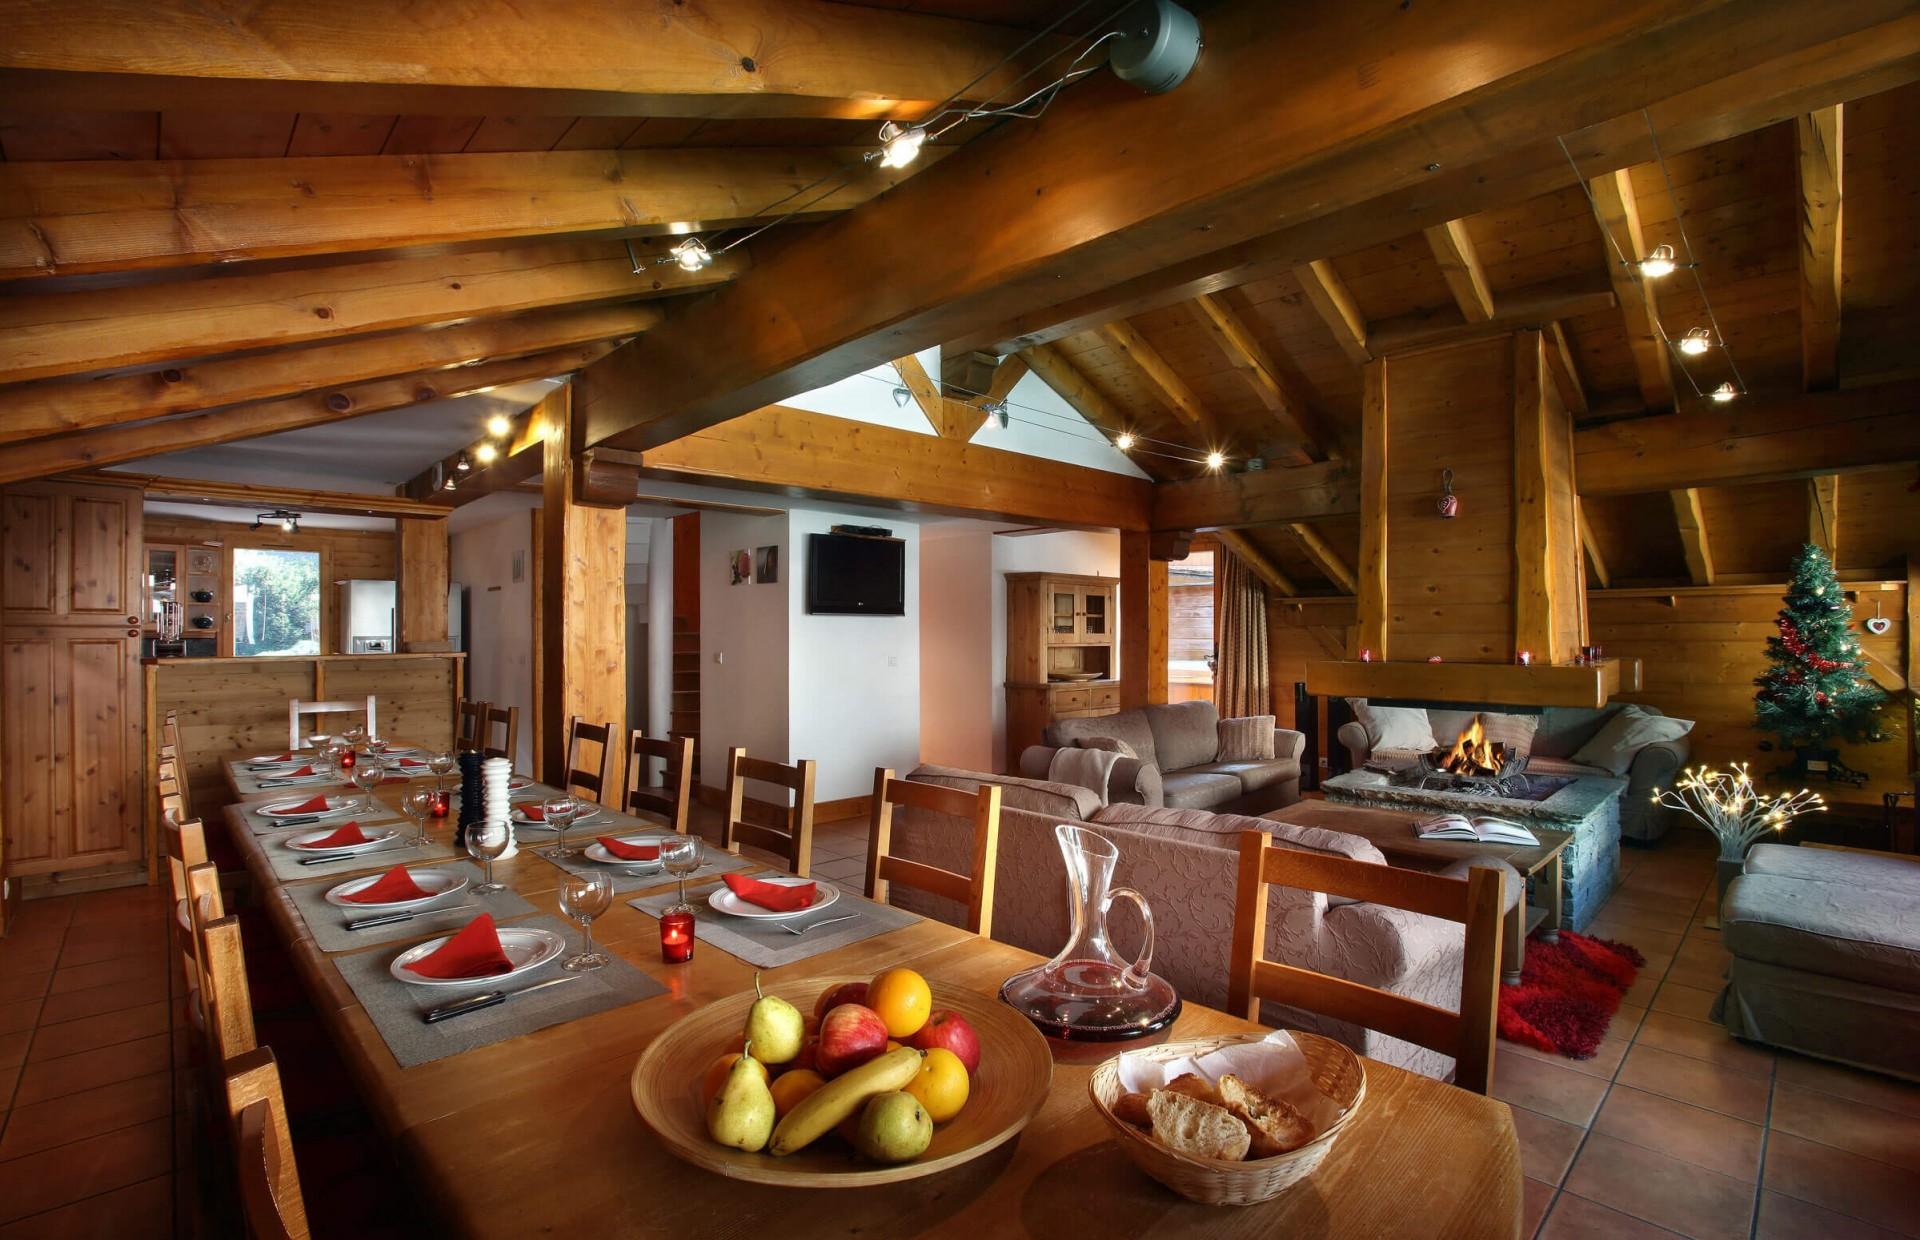 Les Menuires Location Chalet Luxe Lautite Salle A Manger